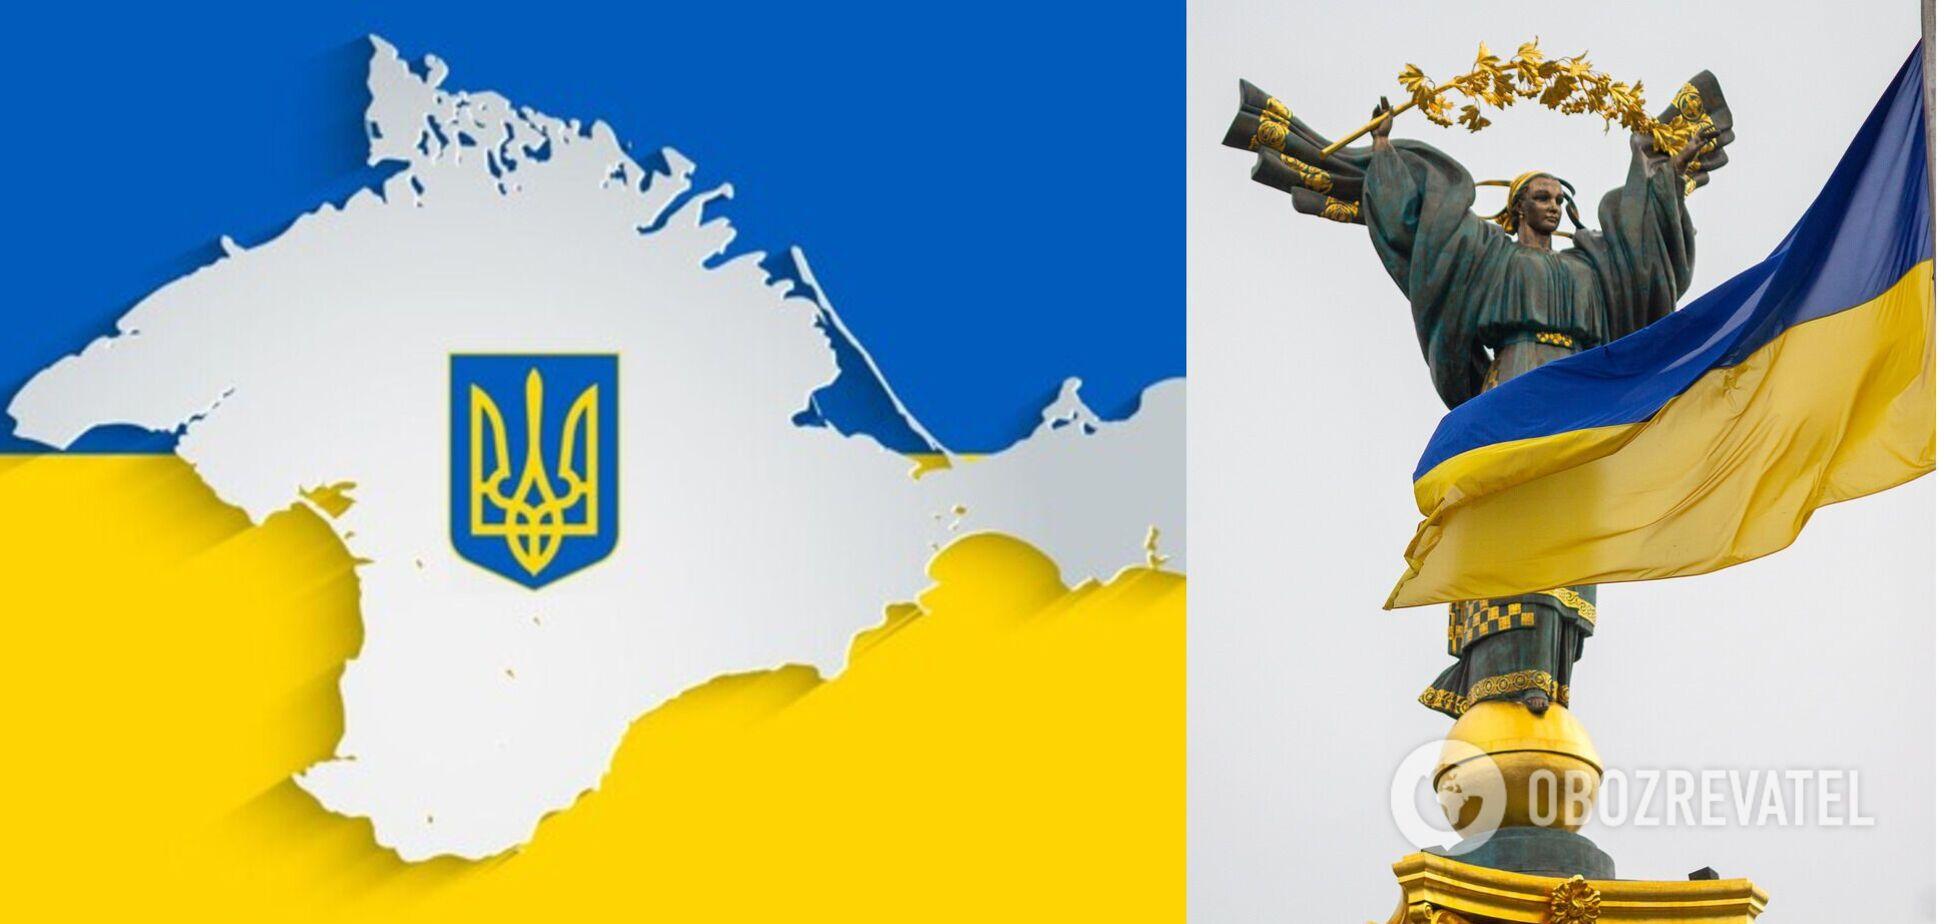 Новини Кримнашу. Міф про 'історично російський Крим'